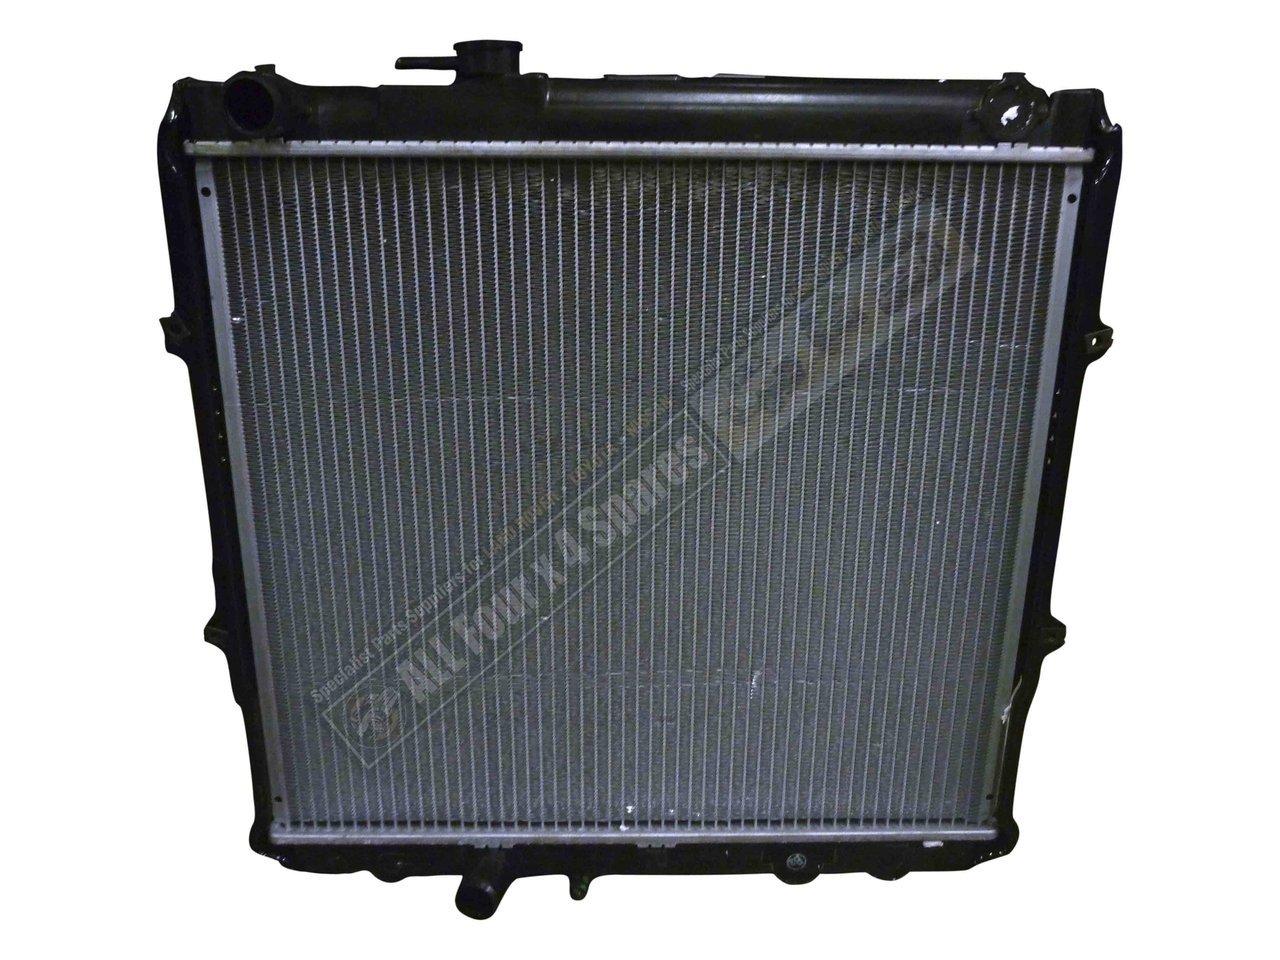 radiator assembly toyota hilux ln167 ln172 3ltr diesel 1. Black Bedroom Furniture Sets. Home Design Ideas